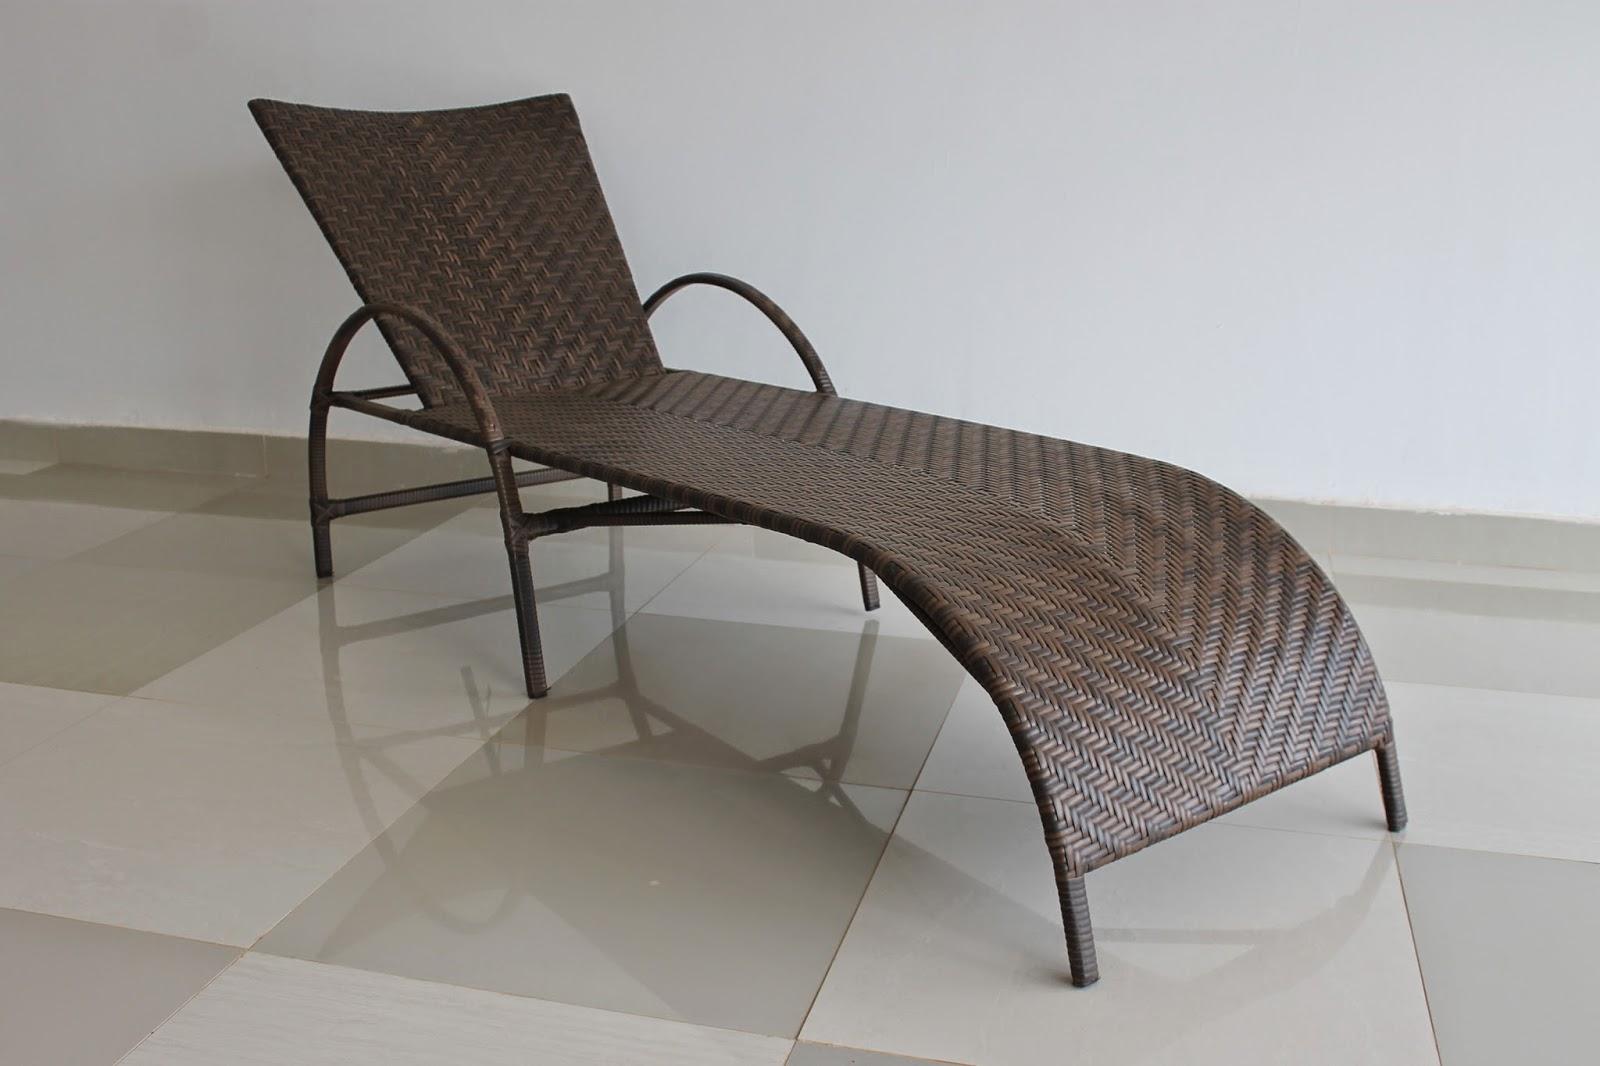 Cadeiras de piscina #3B322C 1600x1066